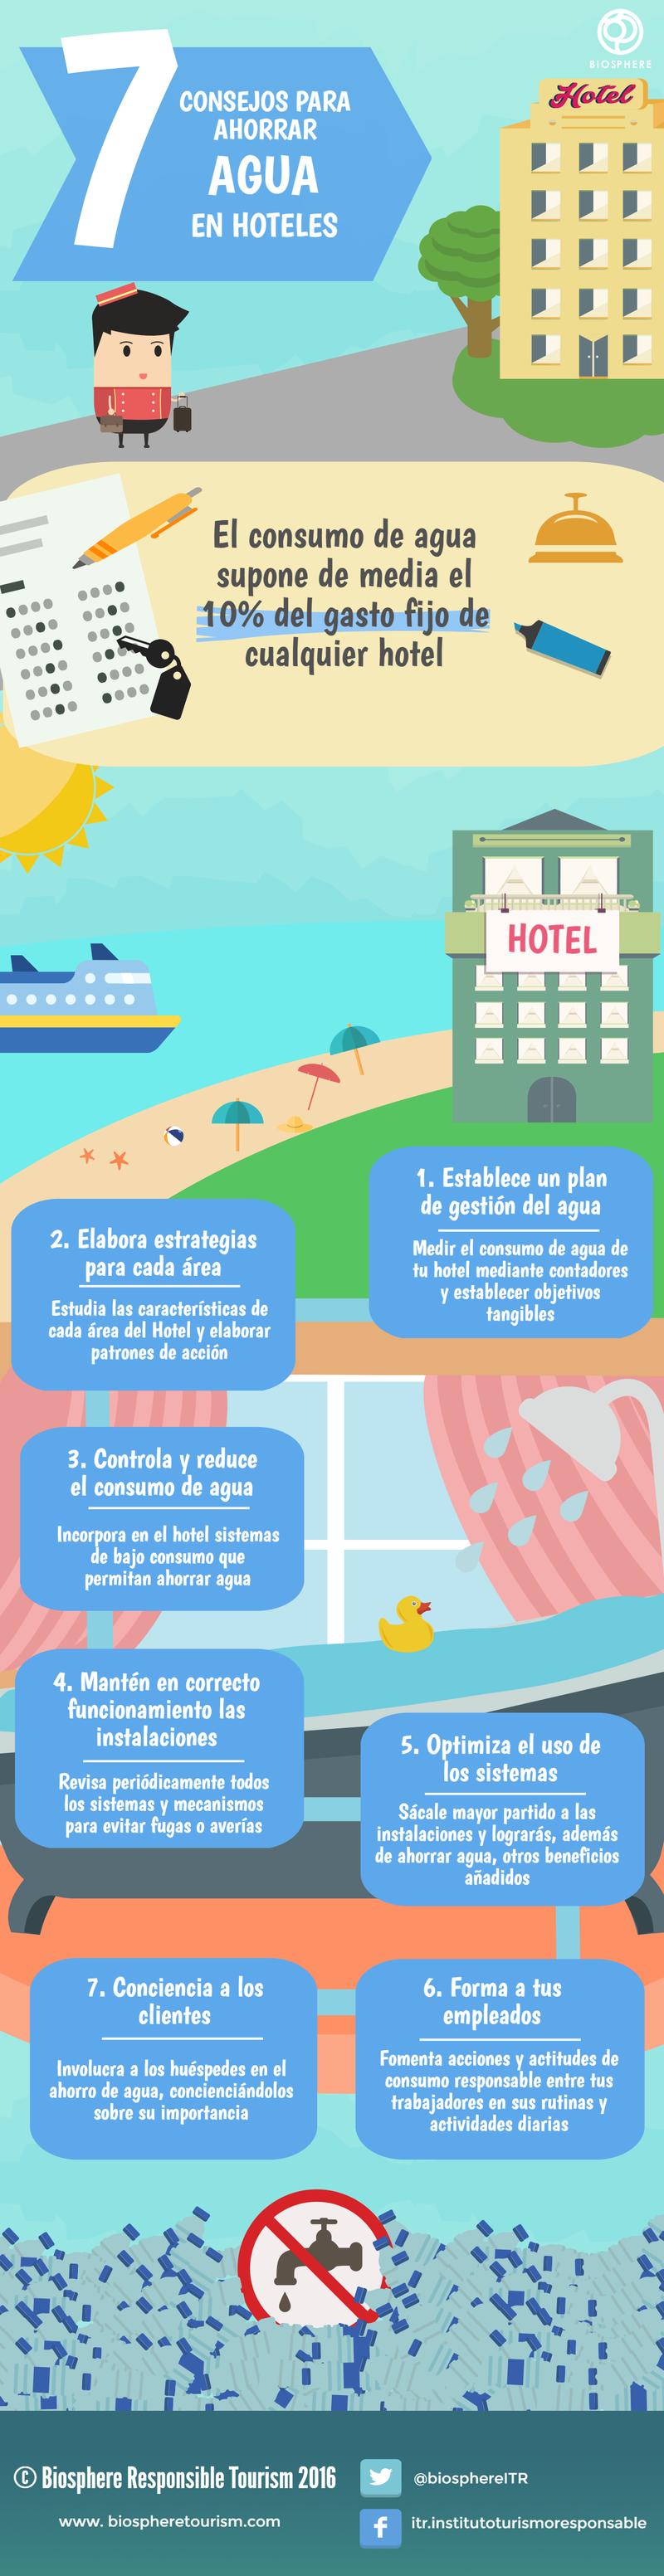 7 consejos para ahorrar agua en hoteles biosphere for Metodos para ahorrar agua